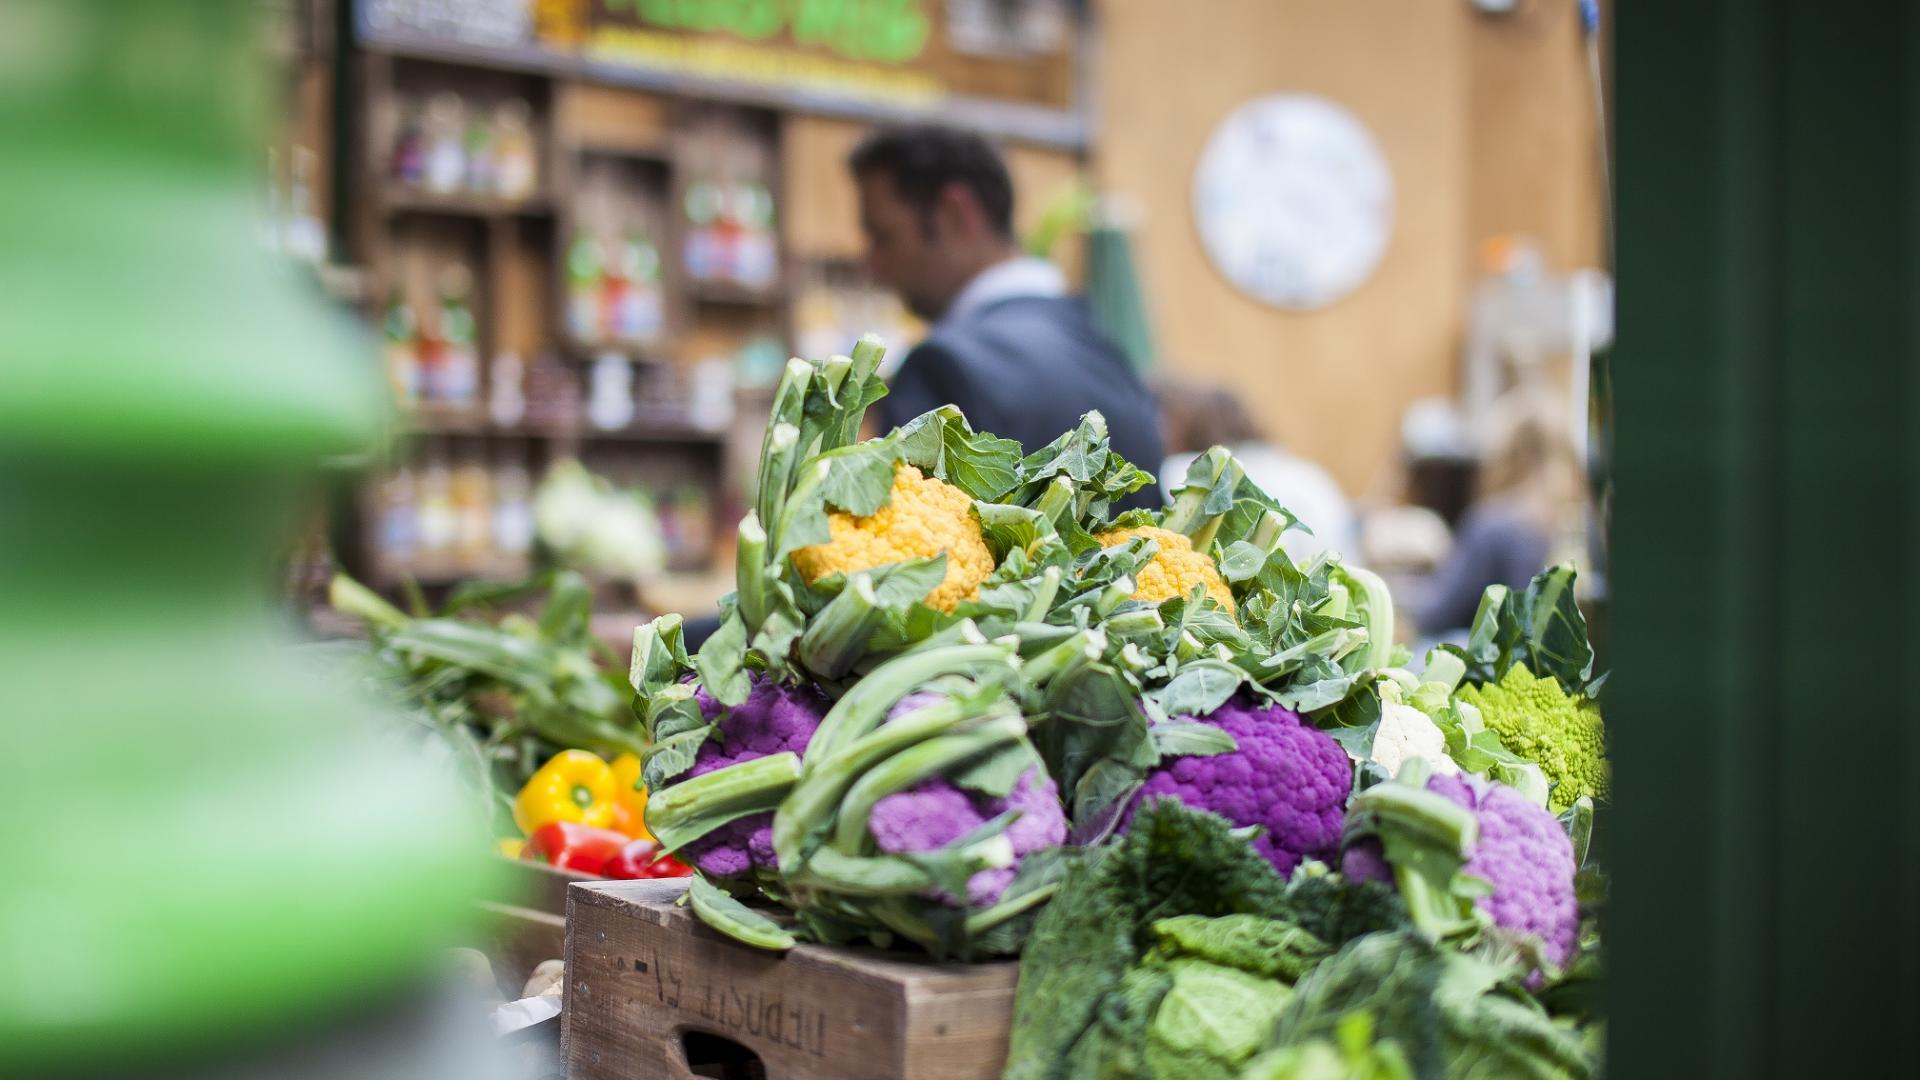 Best markets in London - Borough Market